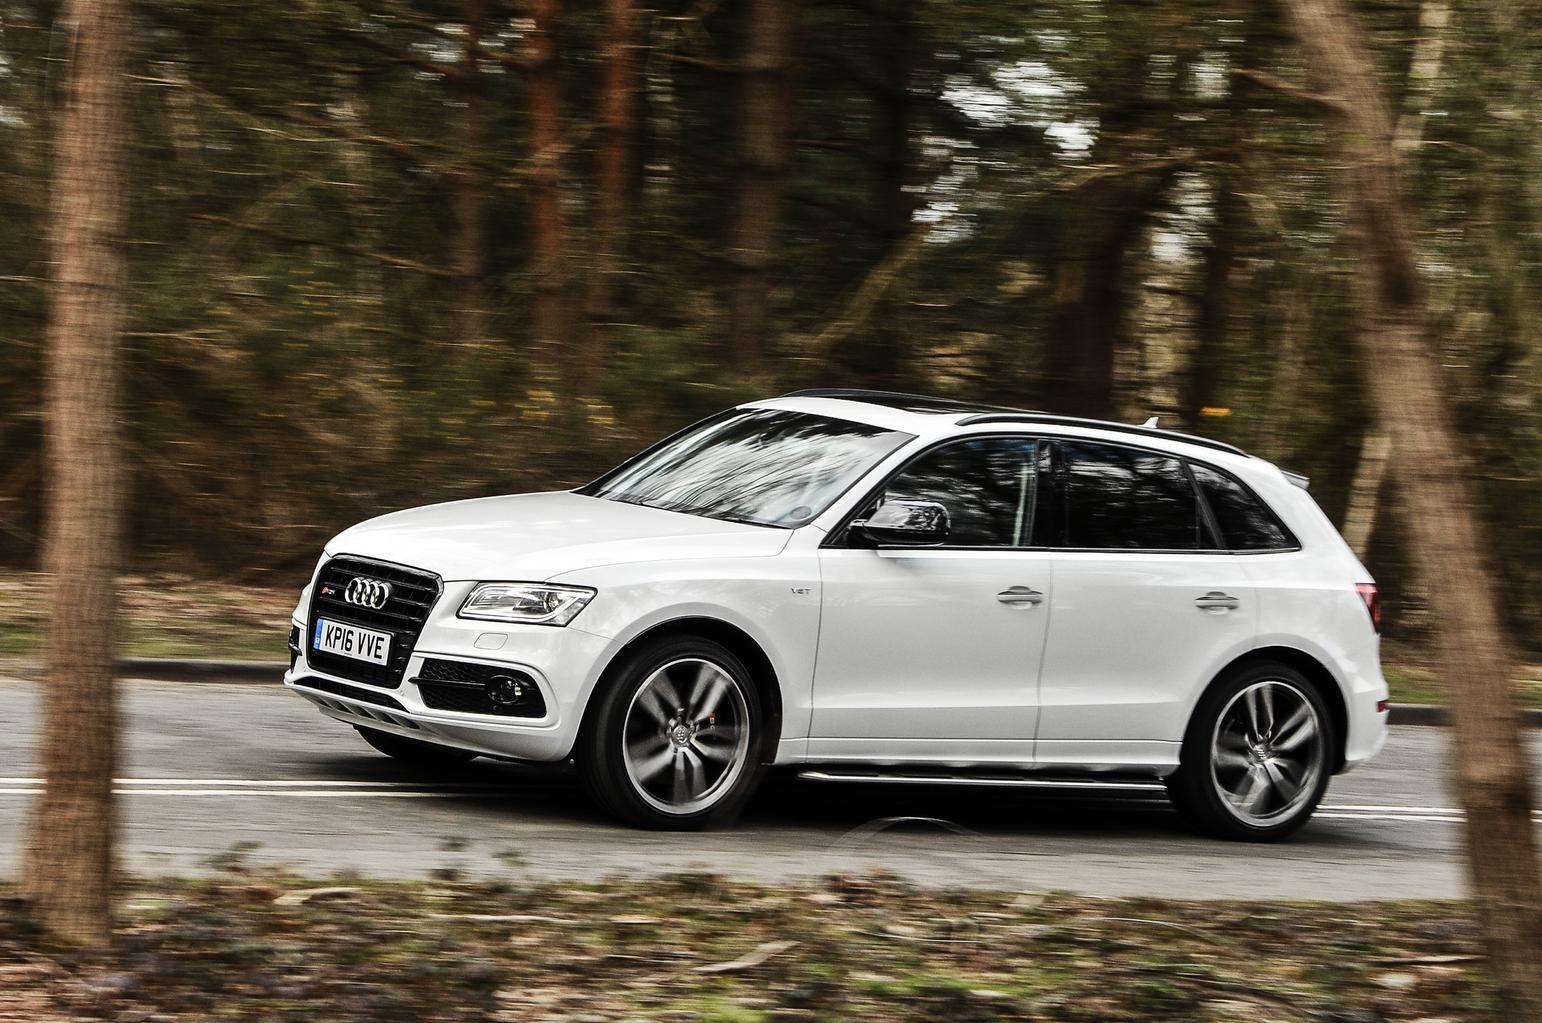 2016 Audi SQ5 Plus review